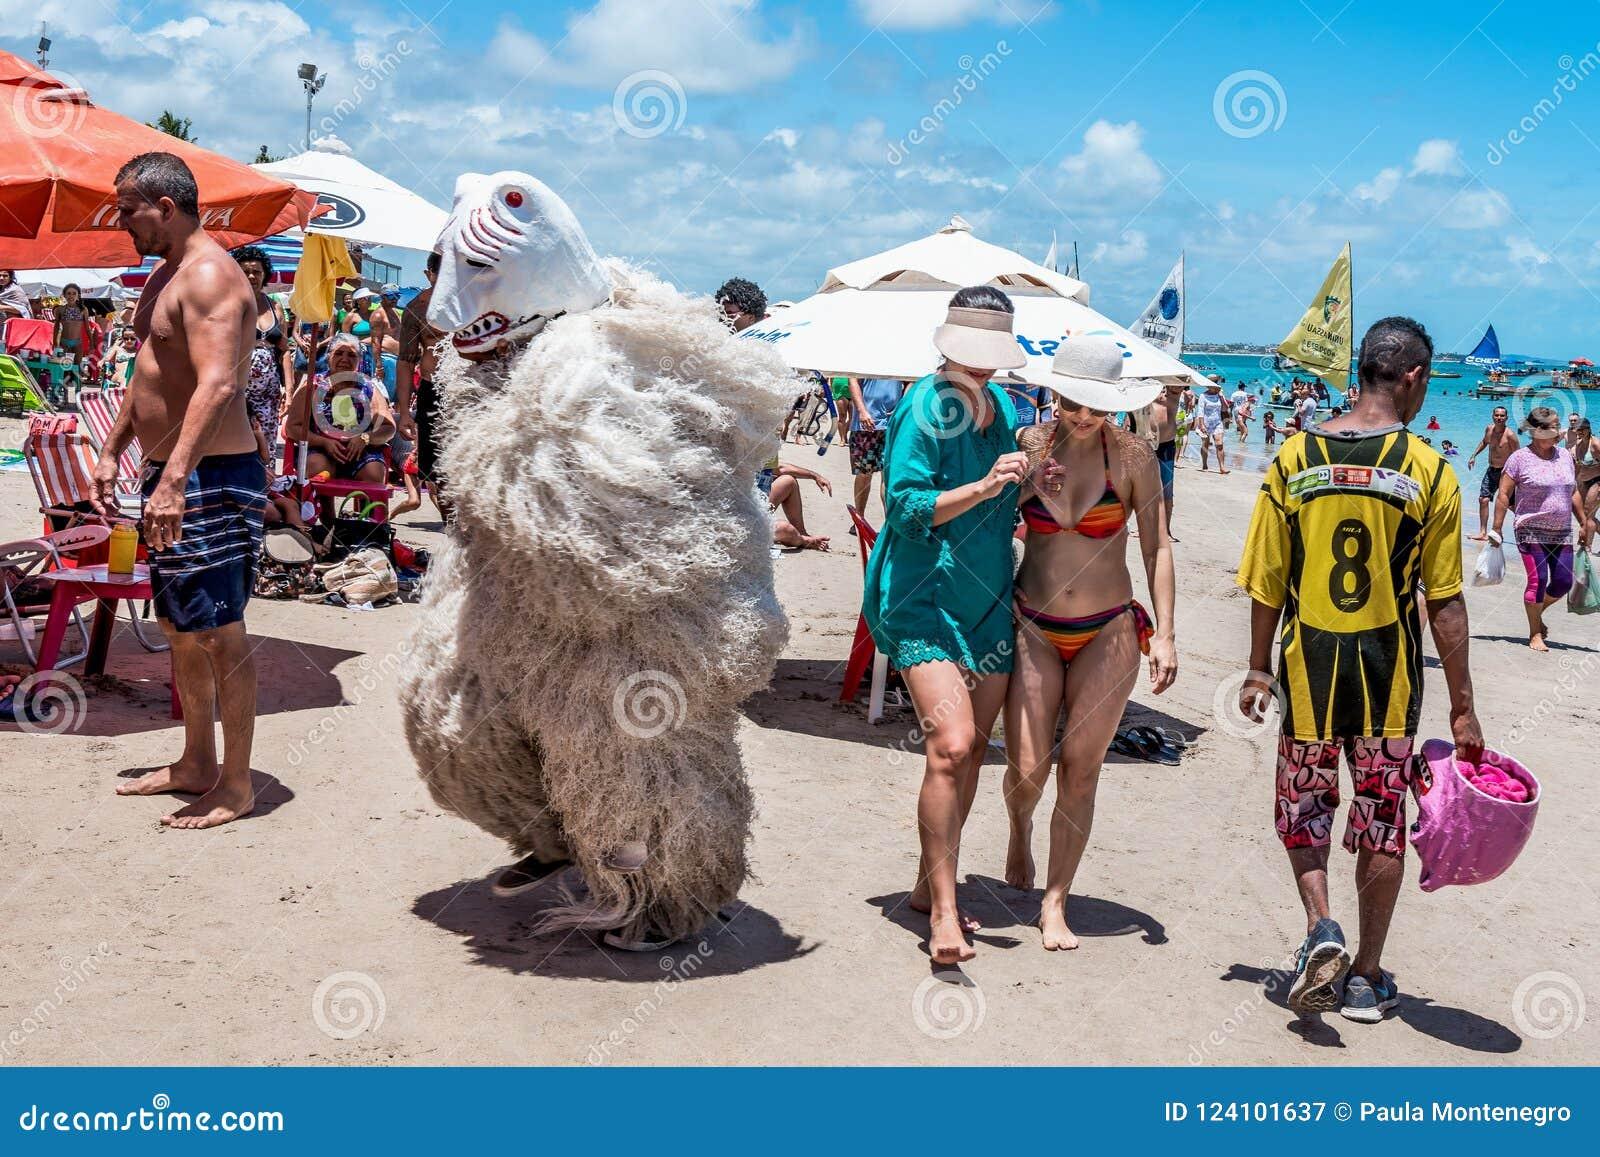 Porto de Galinhas, Pernanbuco, Brésil - janvier 2018 : Alaursa ou aile du nez Ursa, est un ours de la culture de carnaval dans Pe